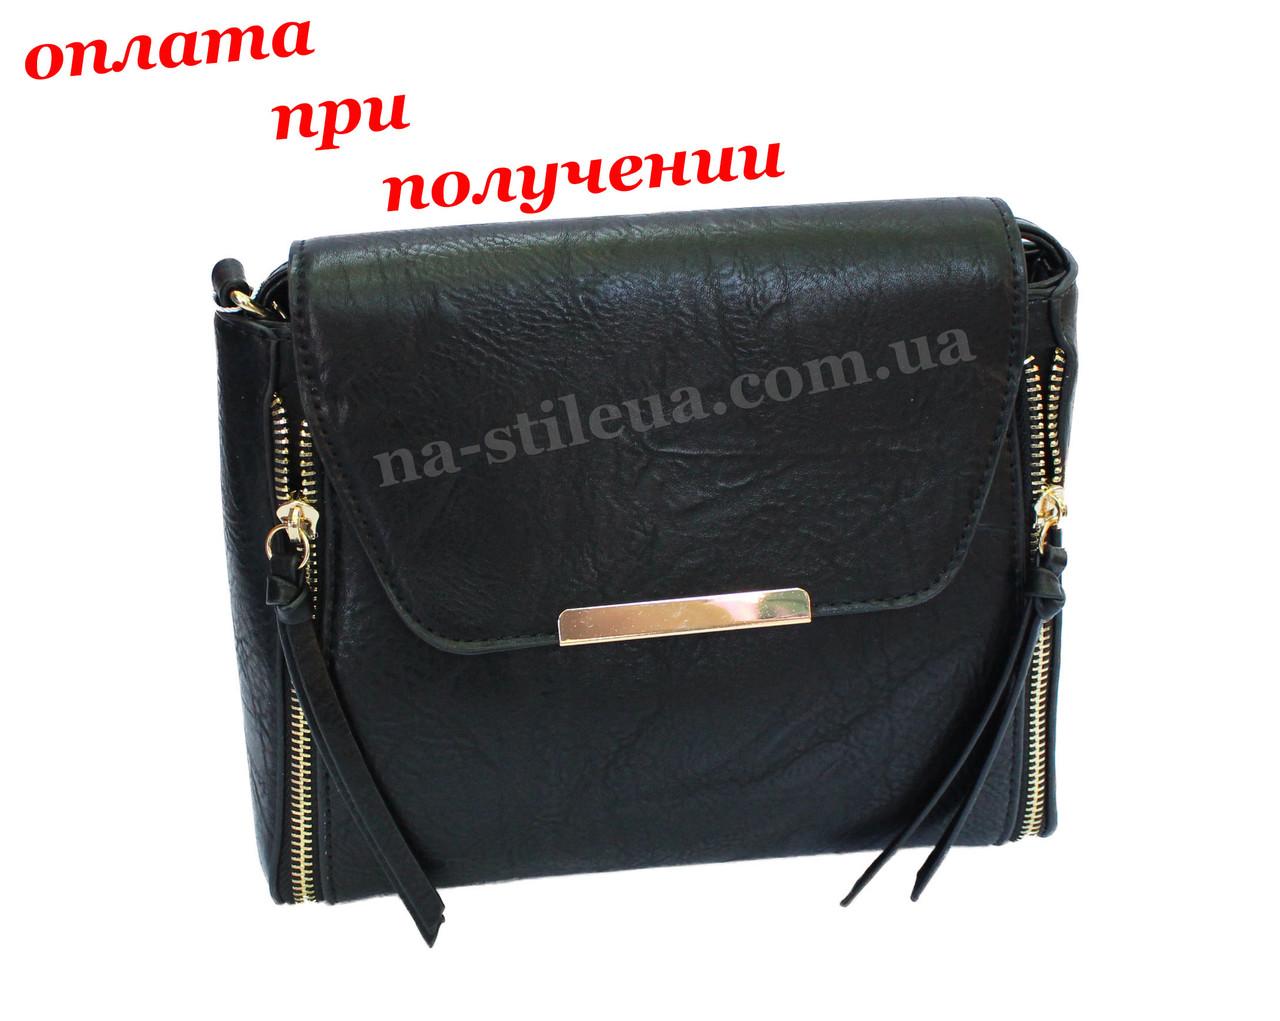 Женский кожаный клатч мини женская сумка кошелек шкіряна через плечо Erika